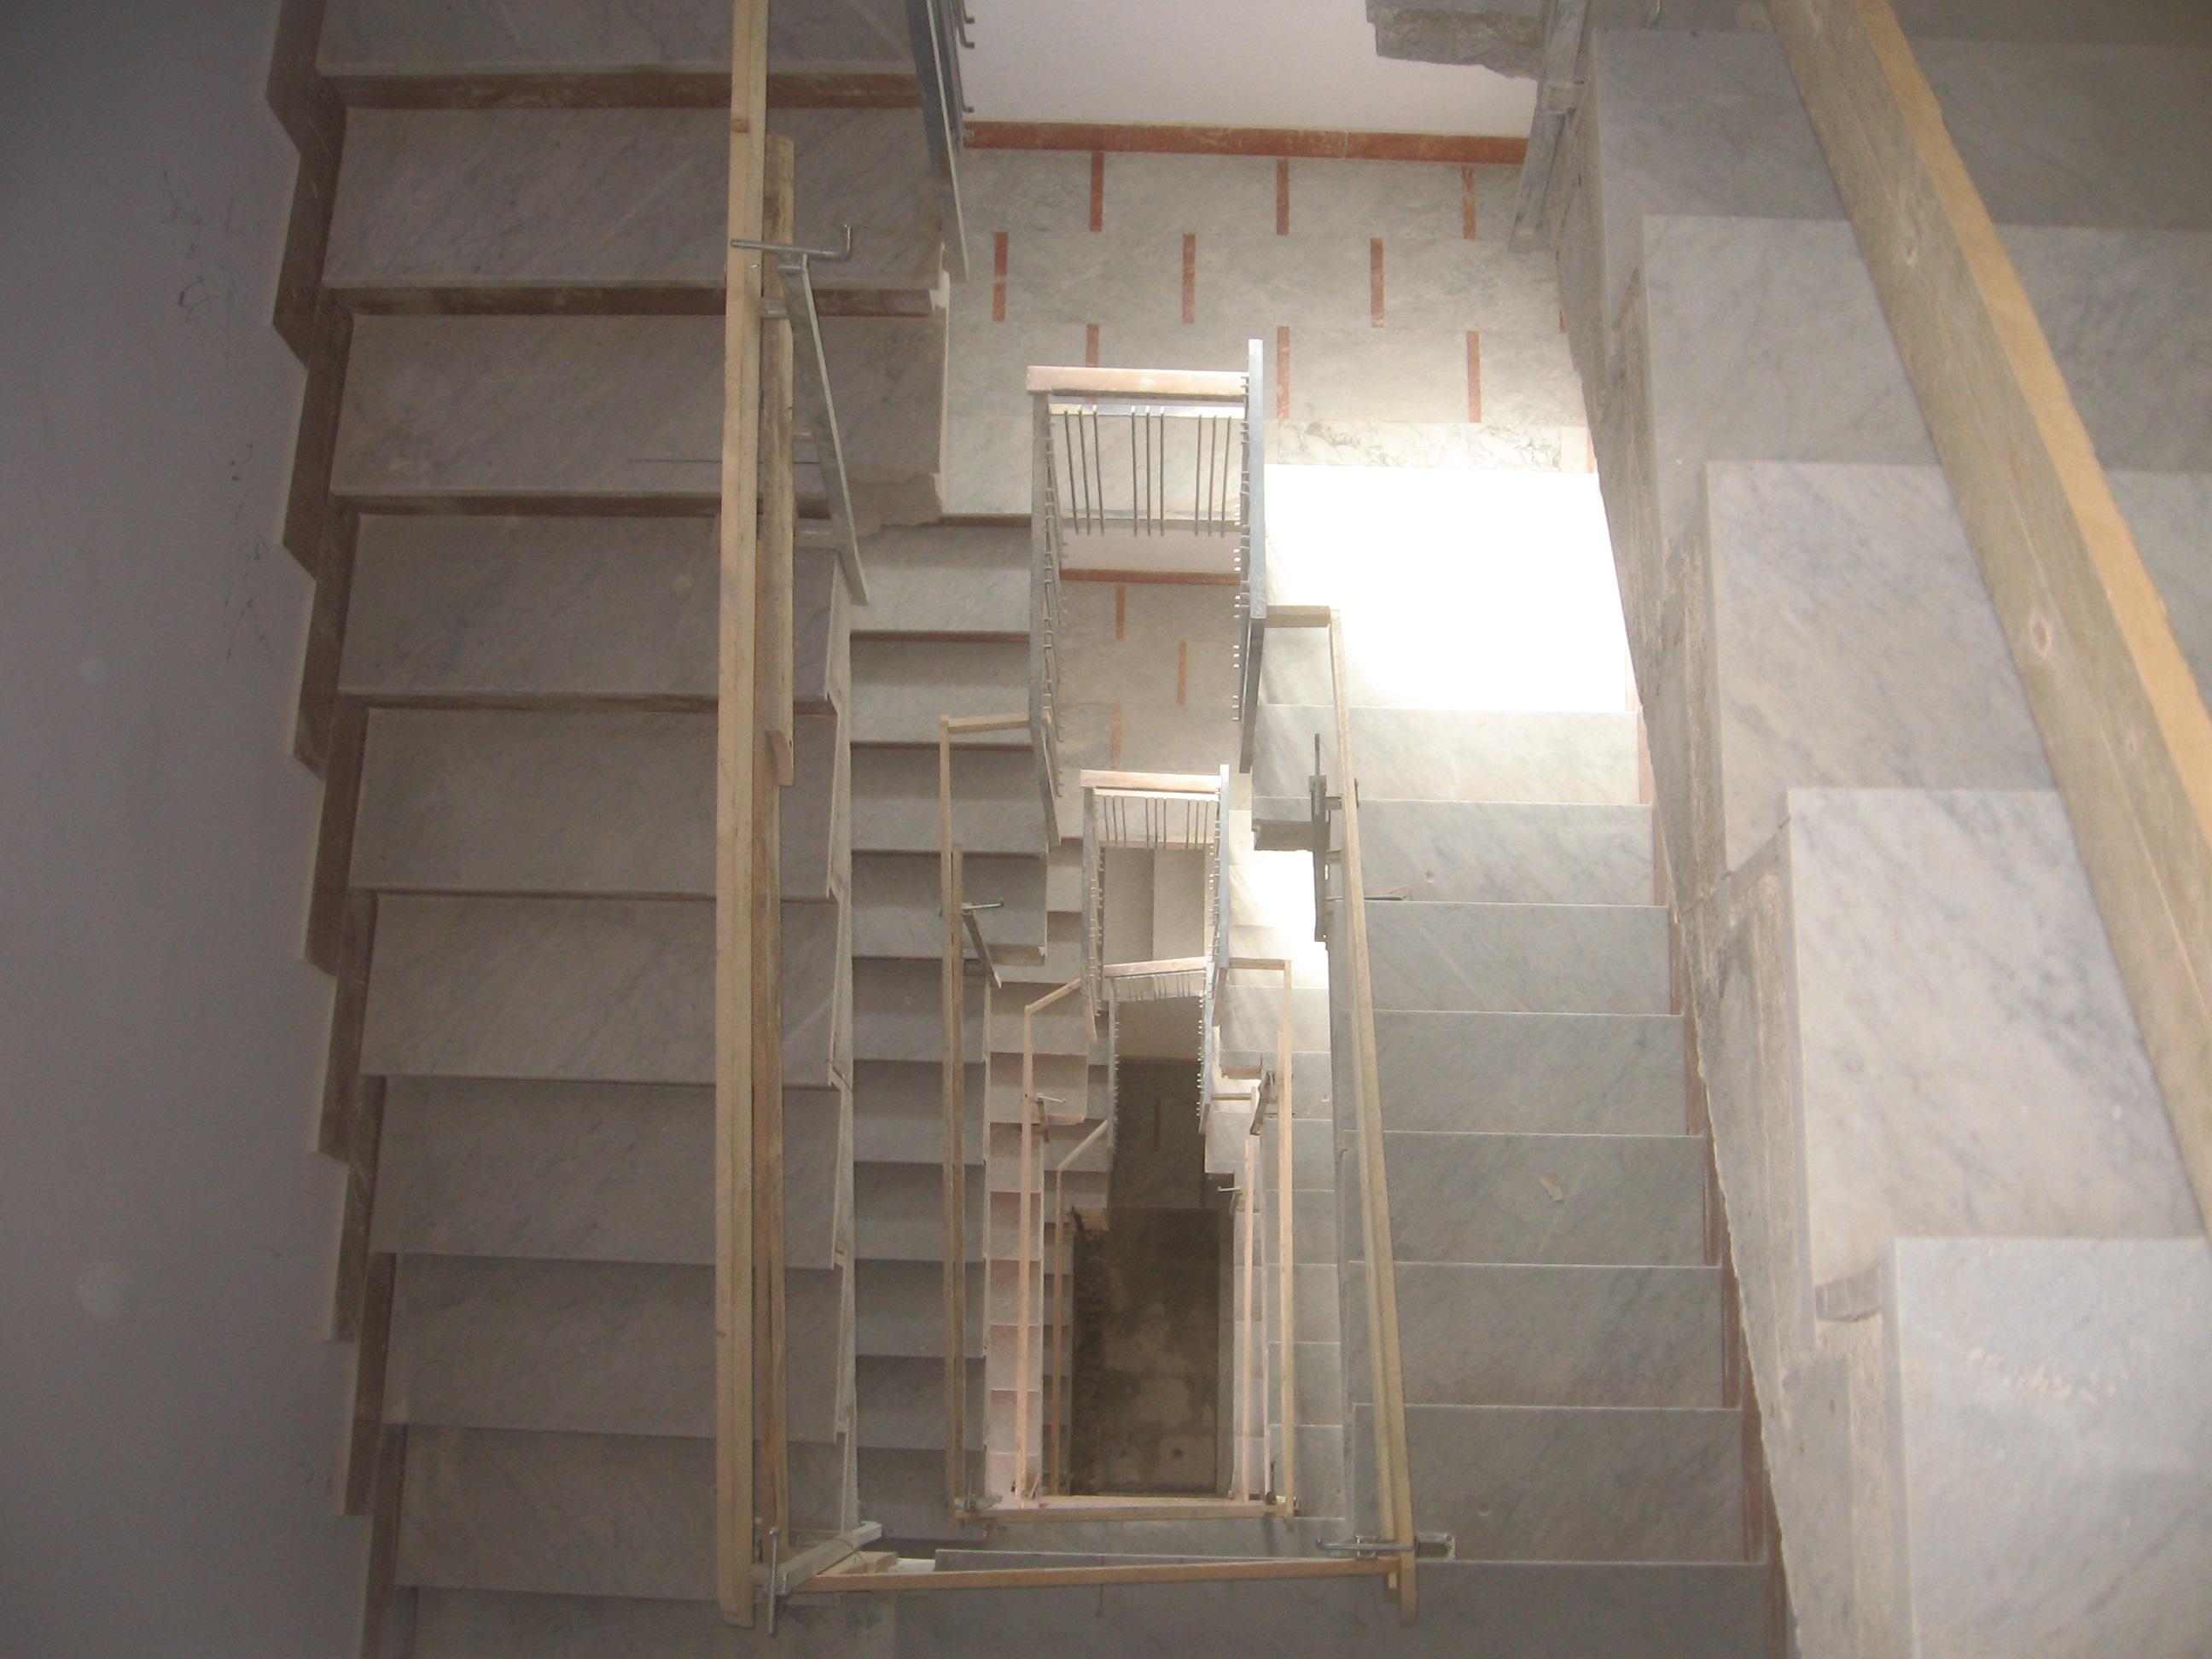 Demolizione Scala In Cemento Armato taglio scala per installazione ascensore